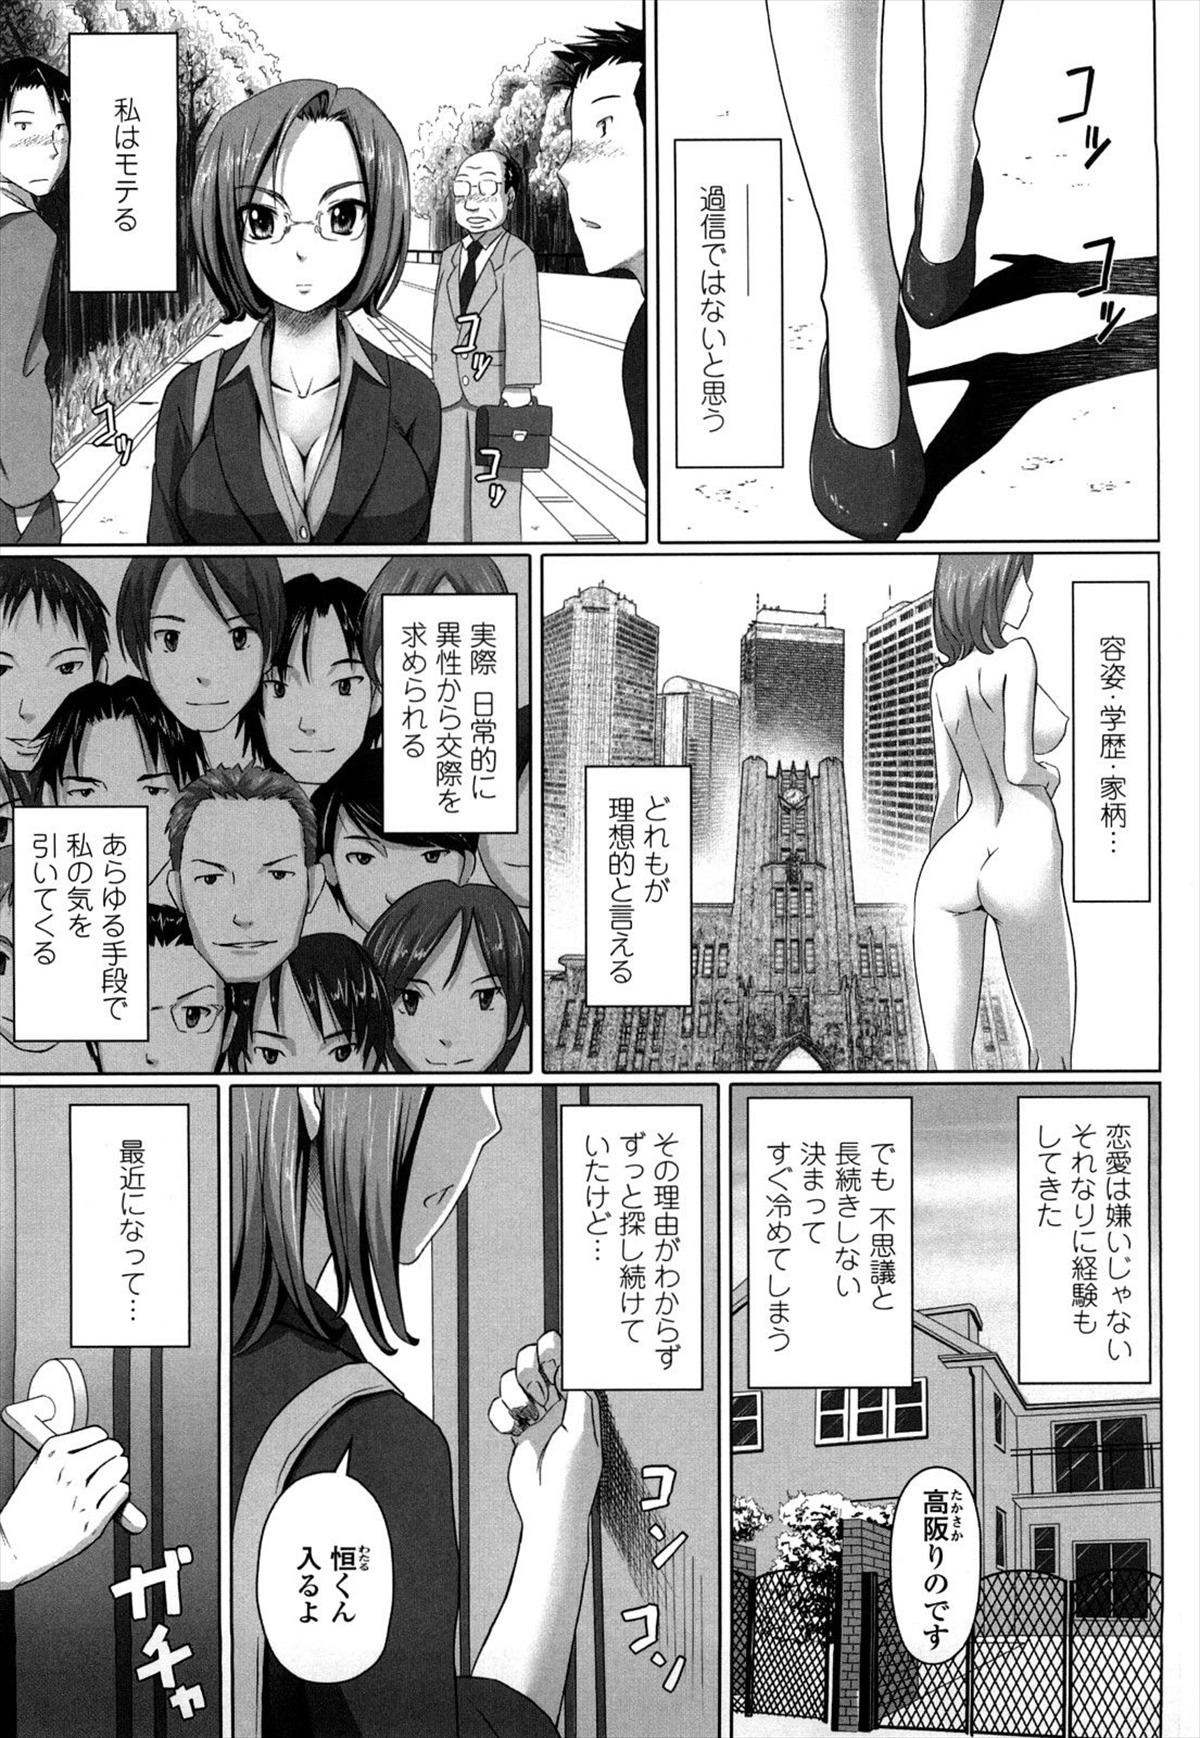 [乃良紳二] りのいろ (1)